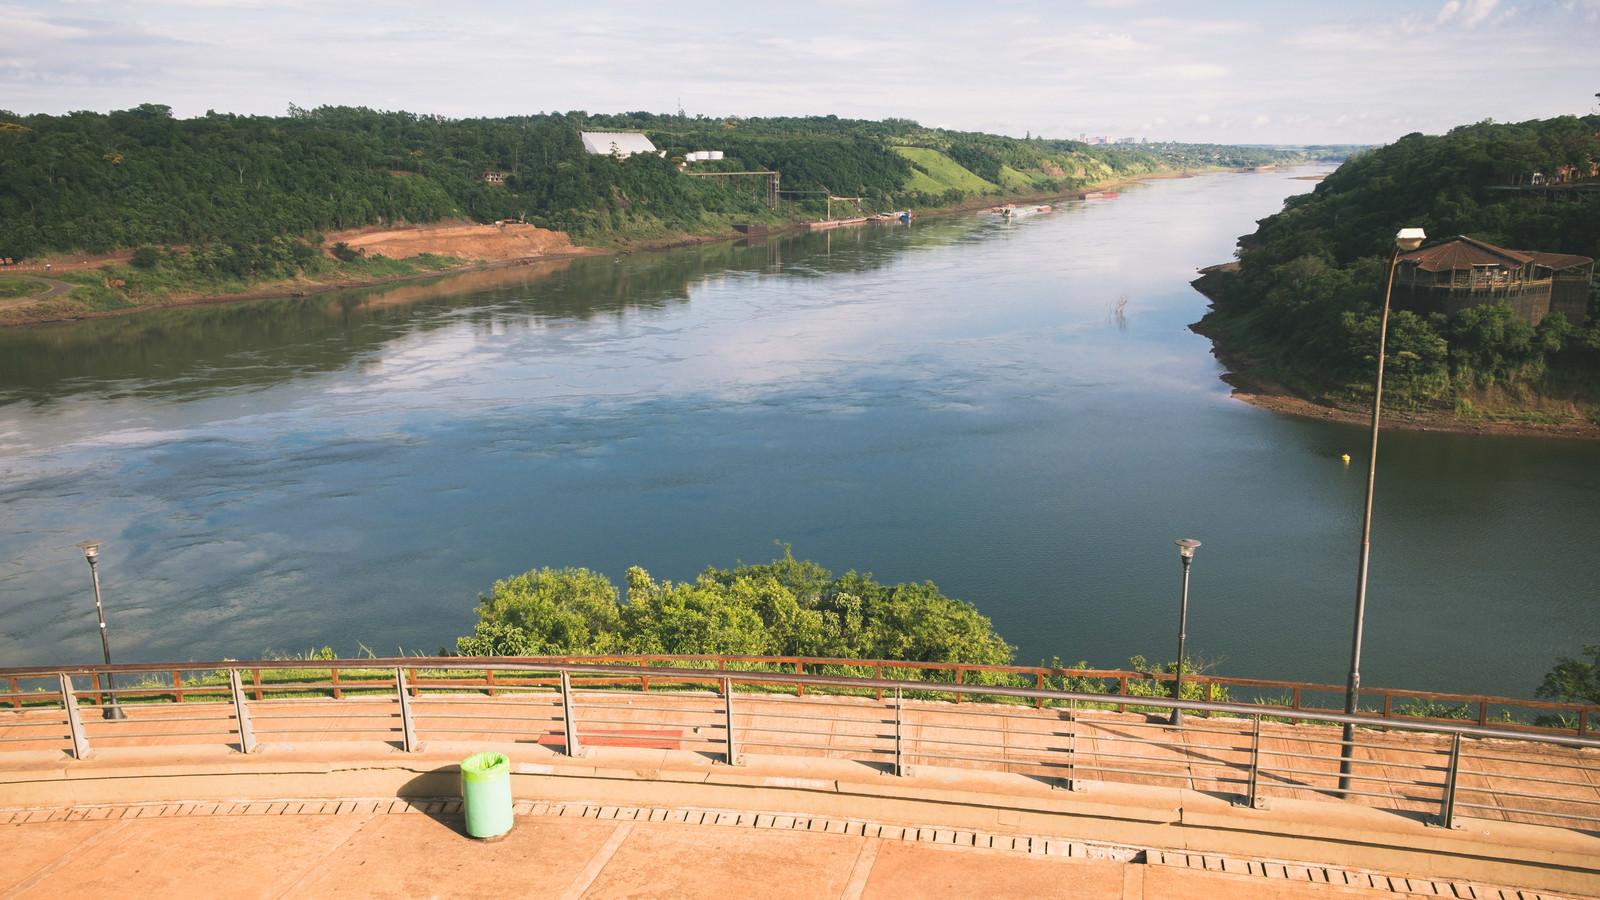 「広場から見た三国国境の川(アルゼンチン・ブラジル・パラグアイ)」の写真